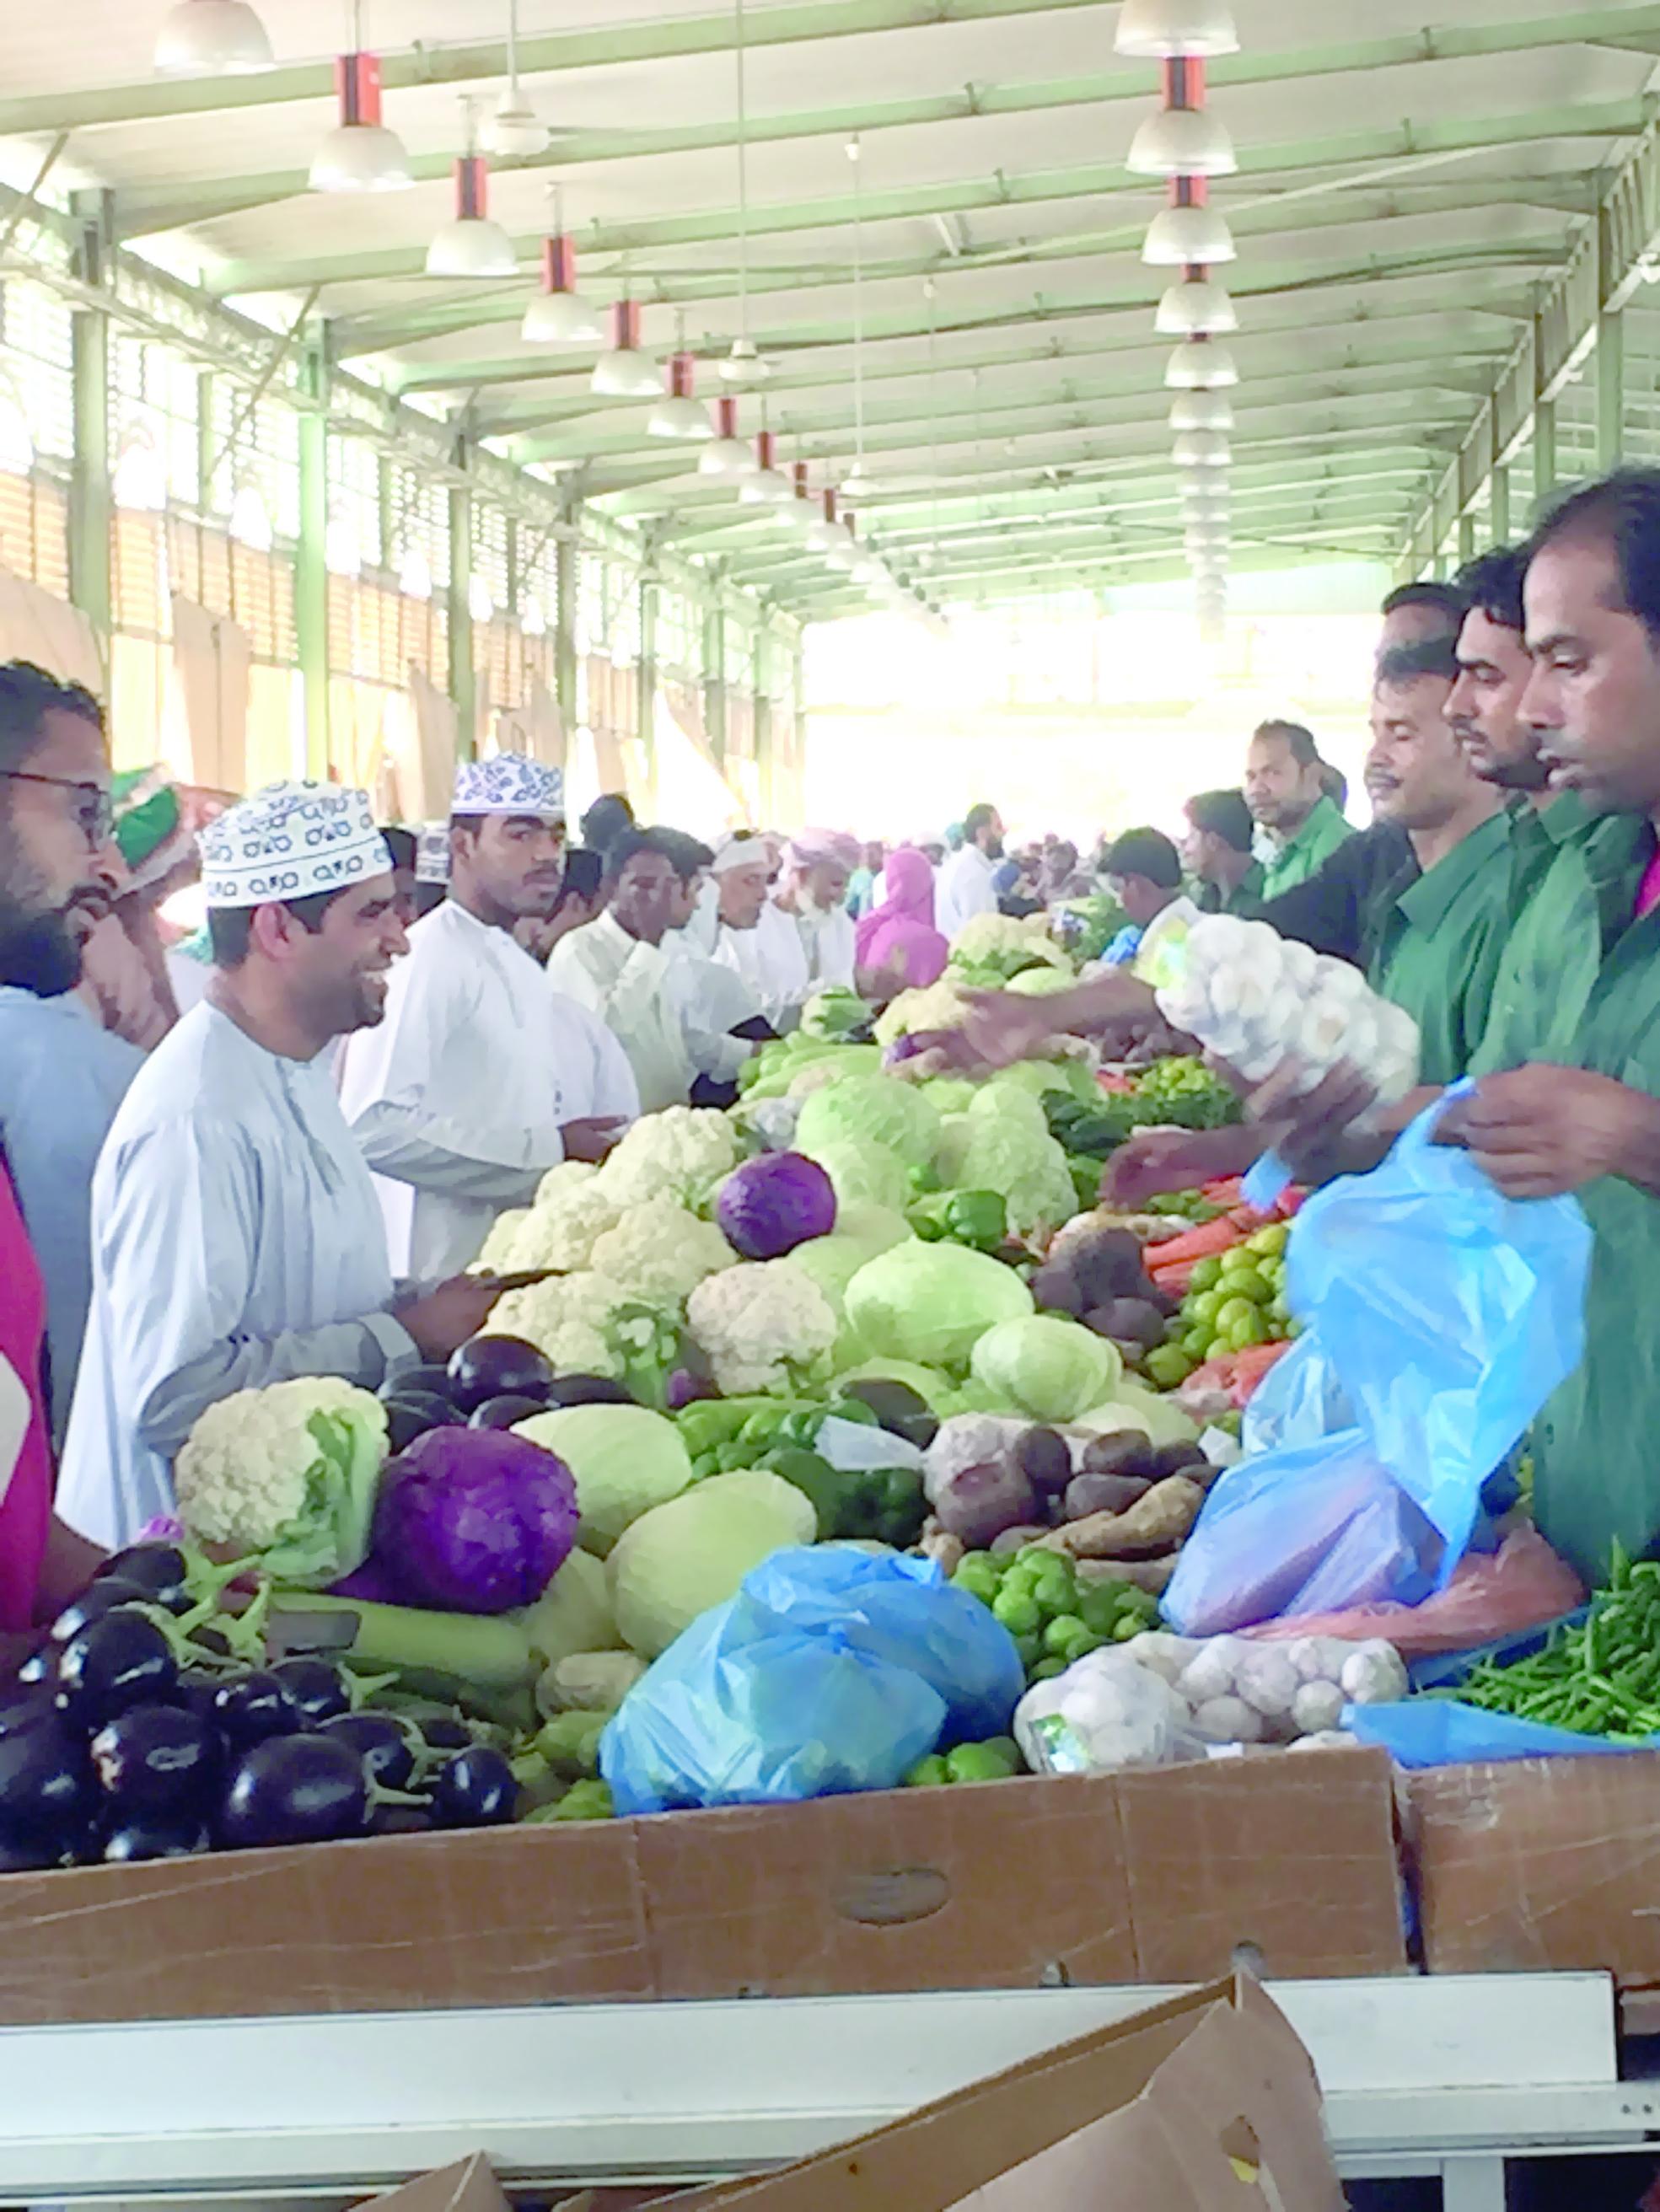 سوق الموالح يوفر  28 ألف طن من الفواكه والخضروات  لرمضان